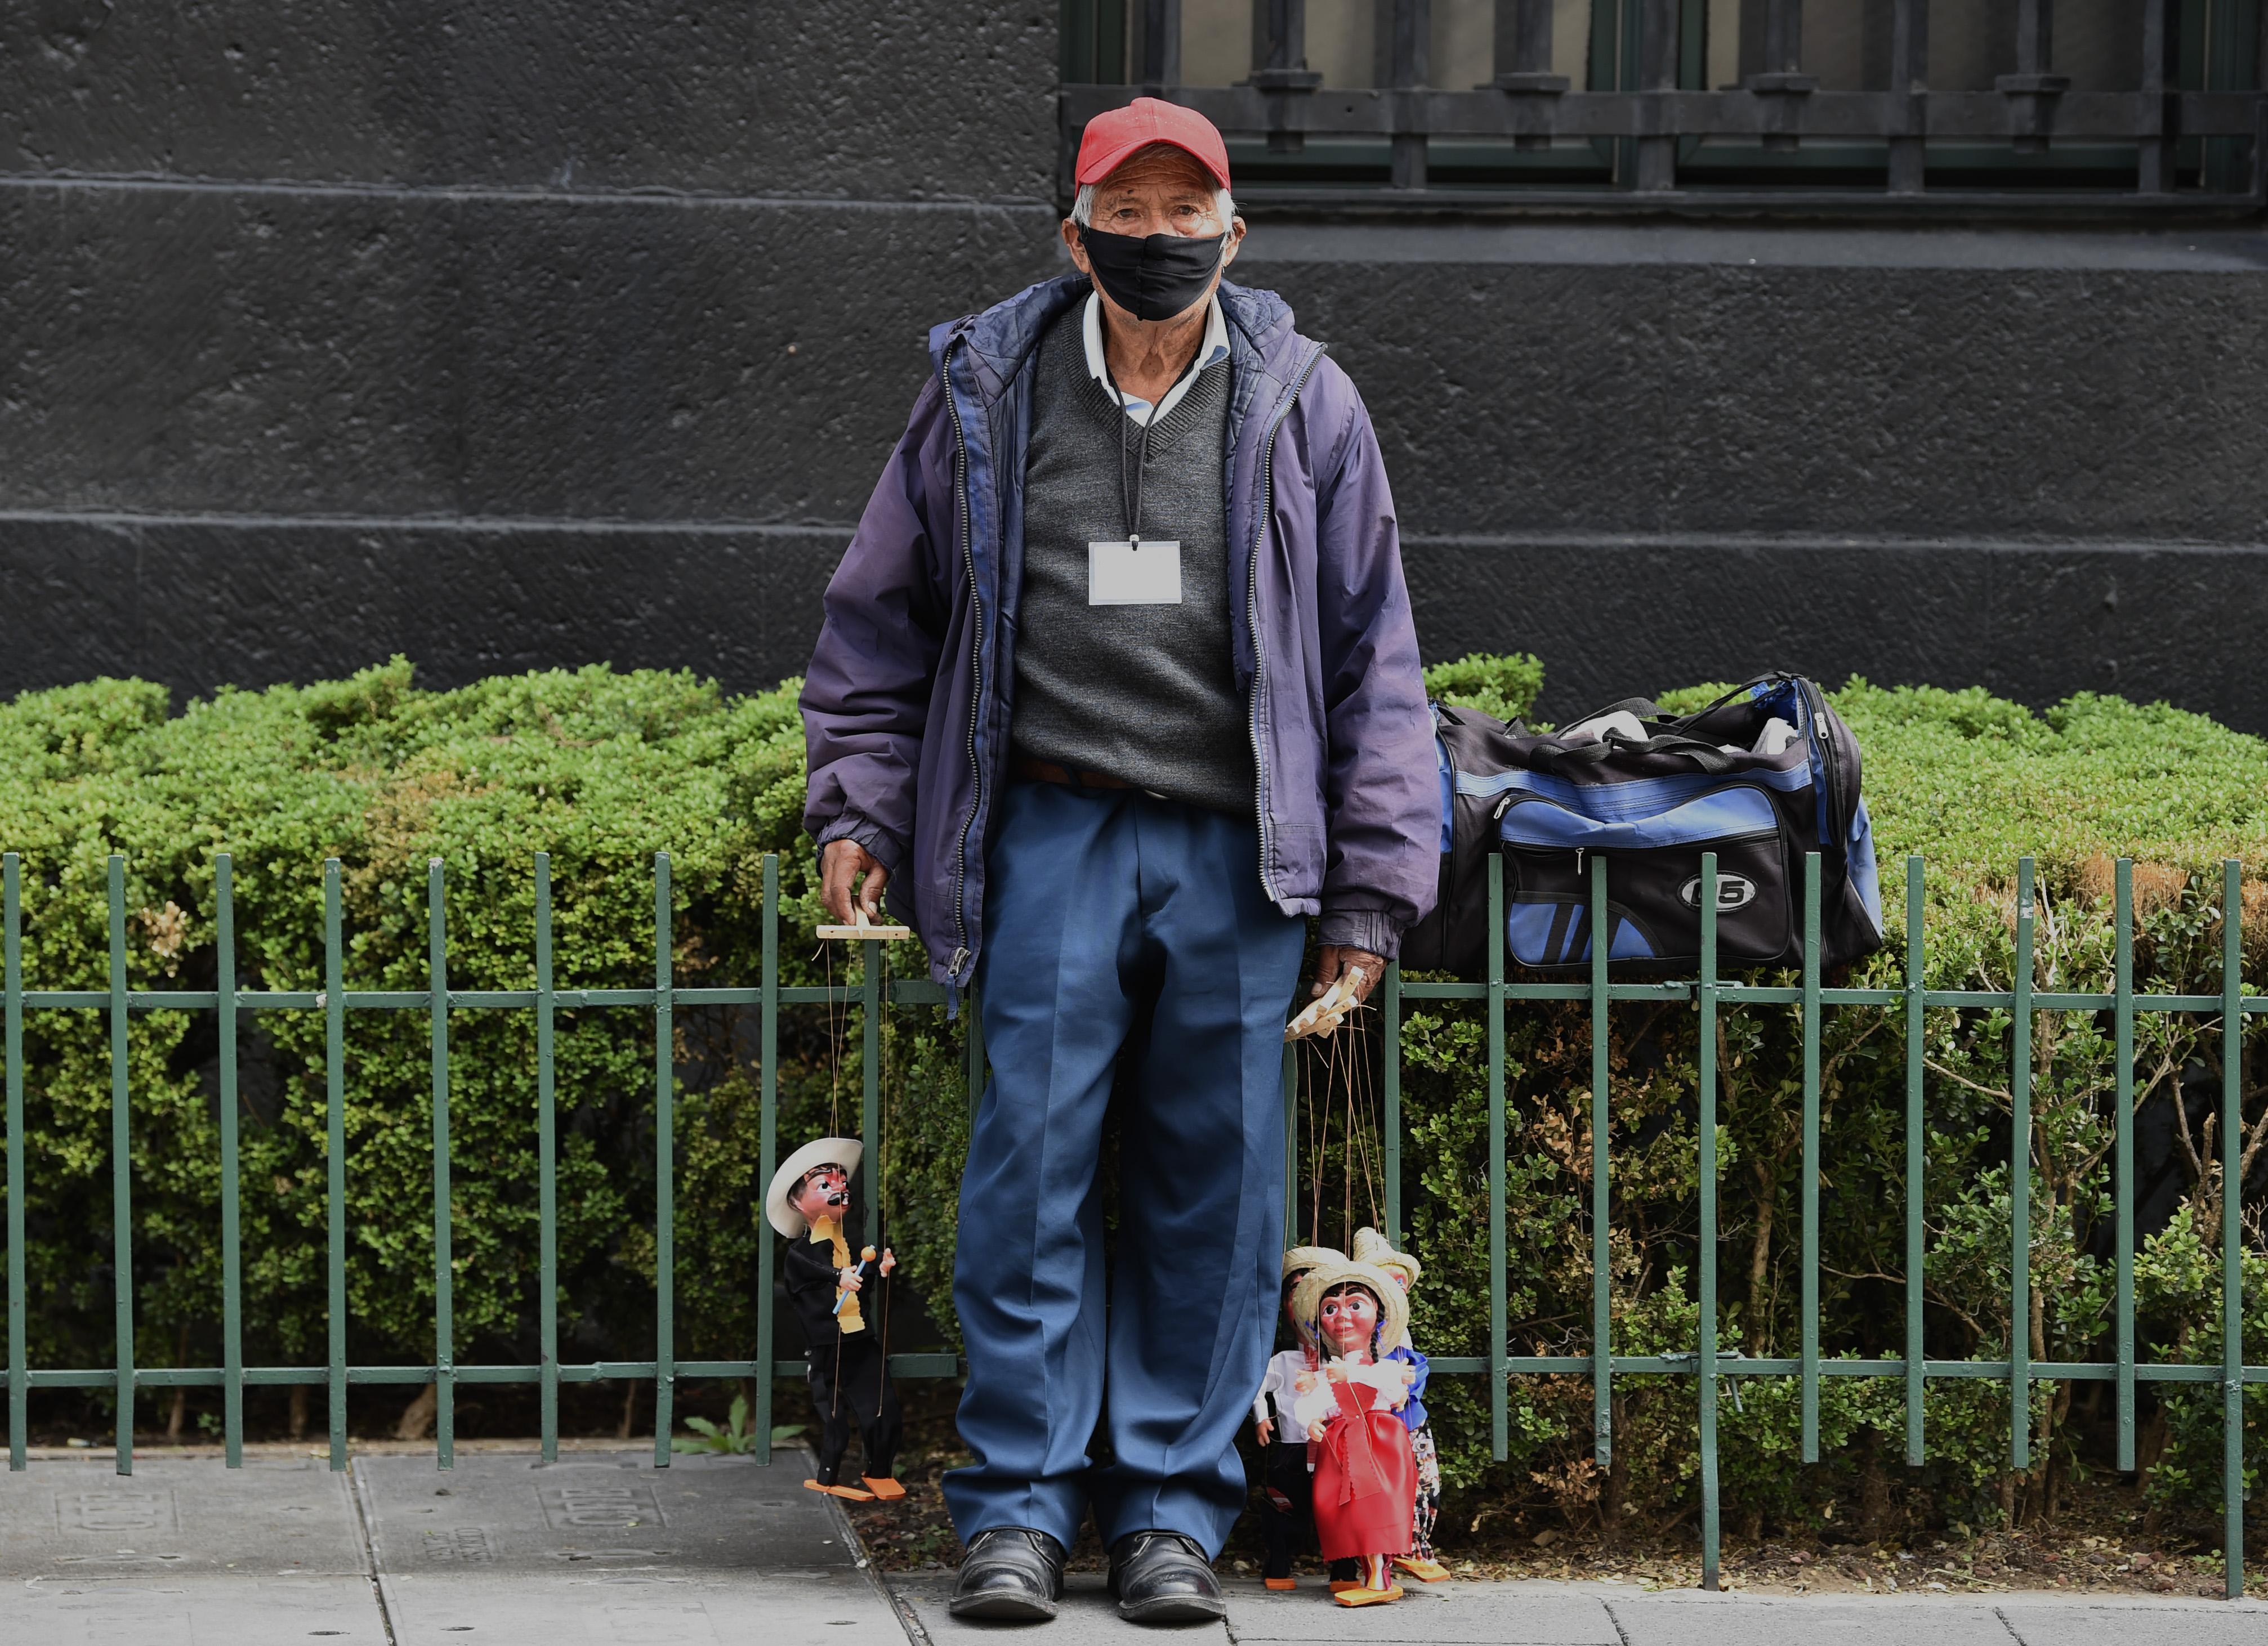 Un vendedor ambulante vende títeres hechos a mano en la Ciudad de México, el 29 de junio de 2020 durante la pandemia COVID-19. (Foto: ALFREDO ESTRELLA / AFP)